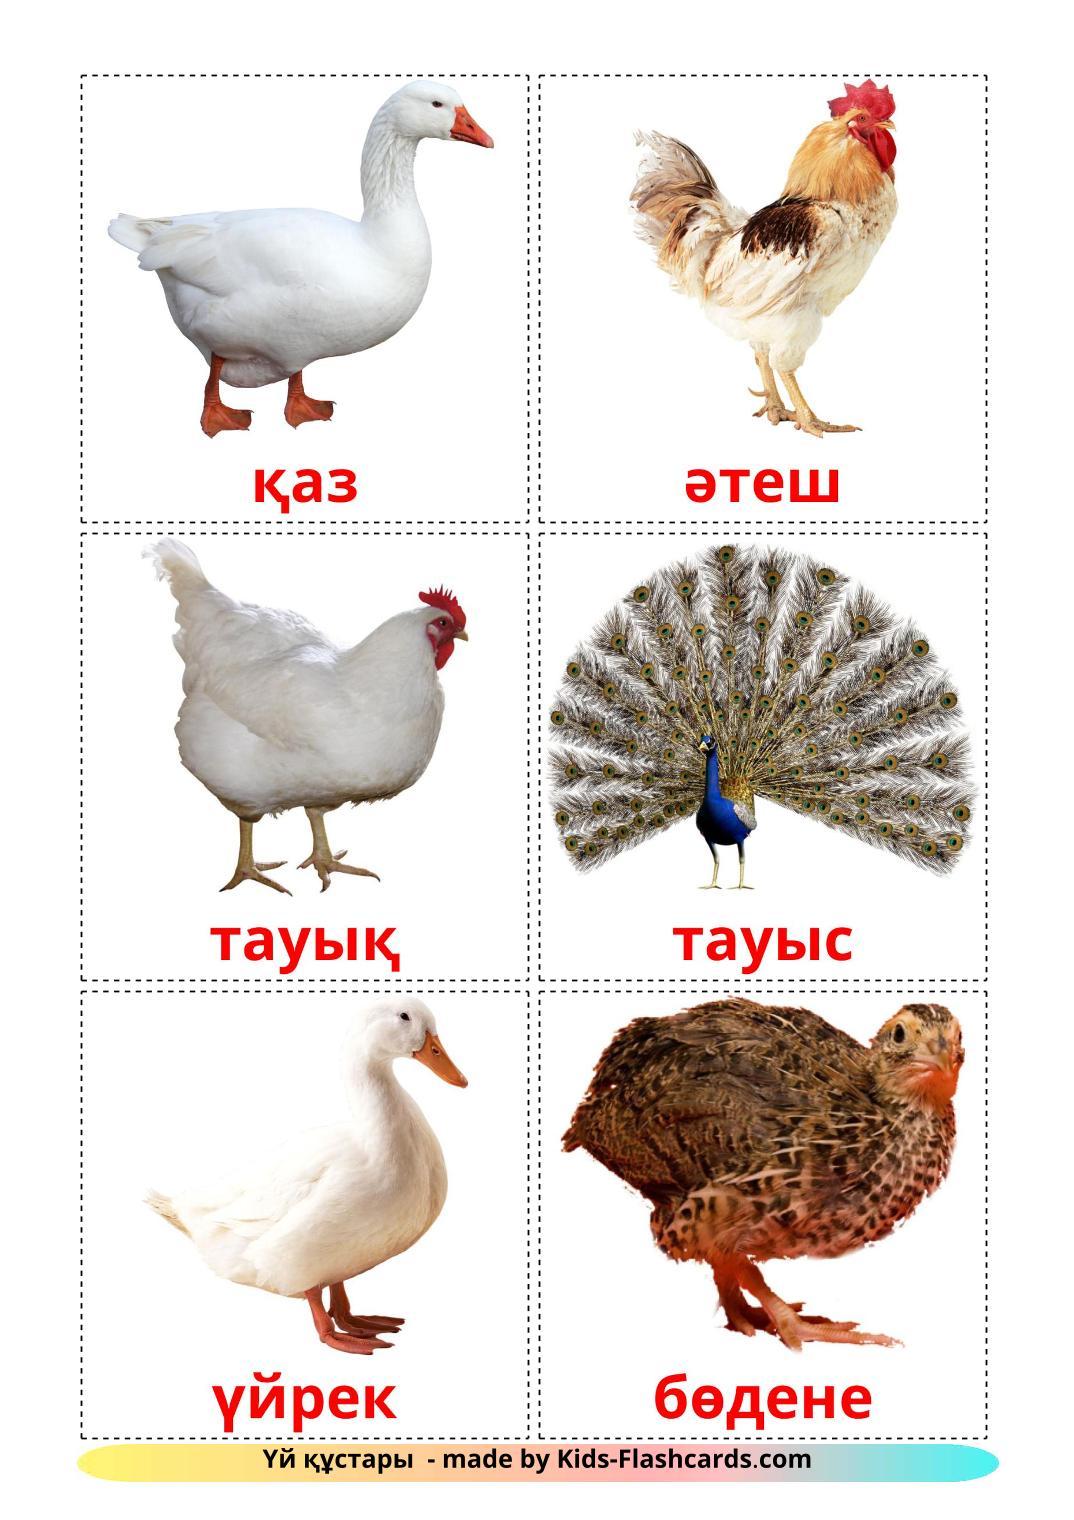 Farm birds - 11 Free Printable kazakh Flashcards